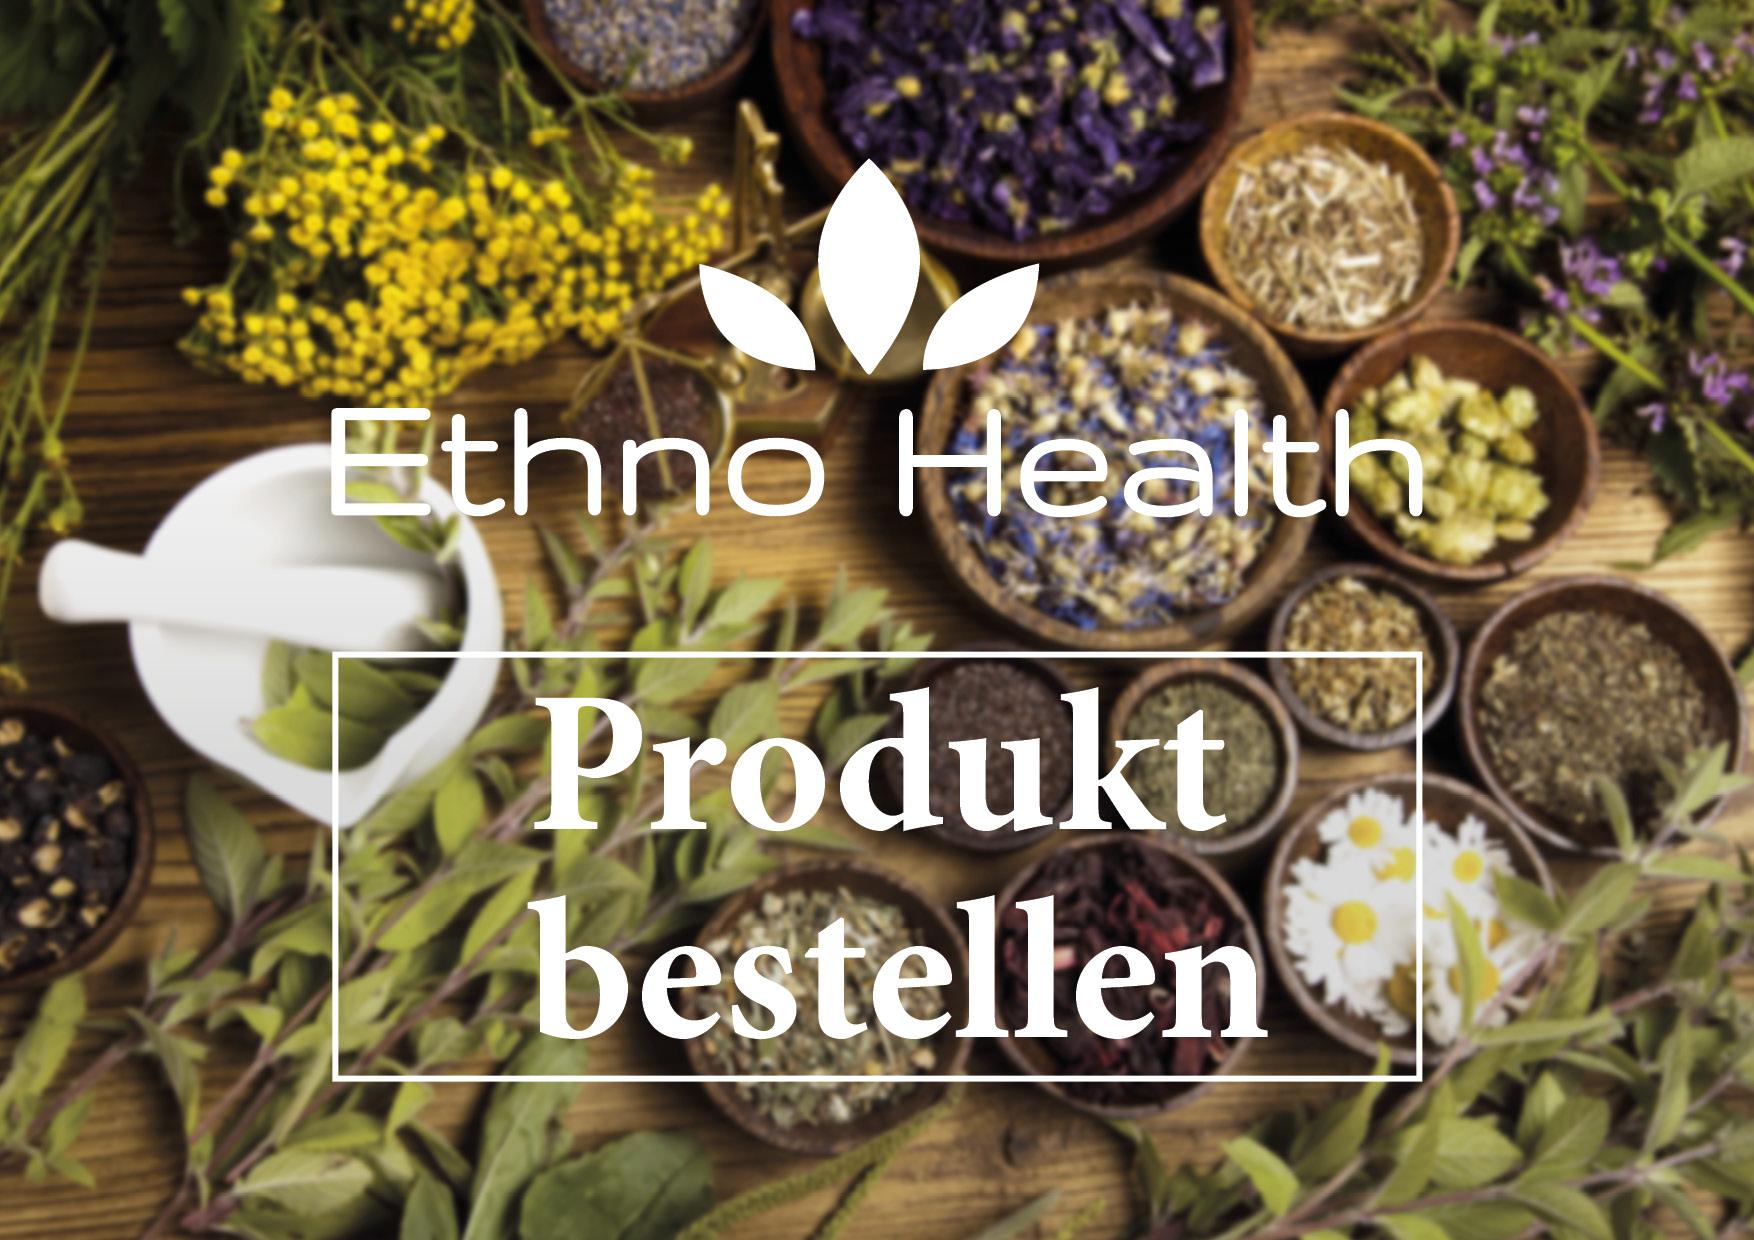 Ethno Health bestellen